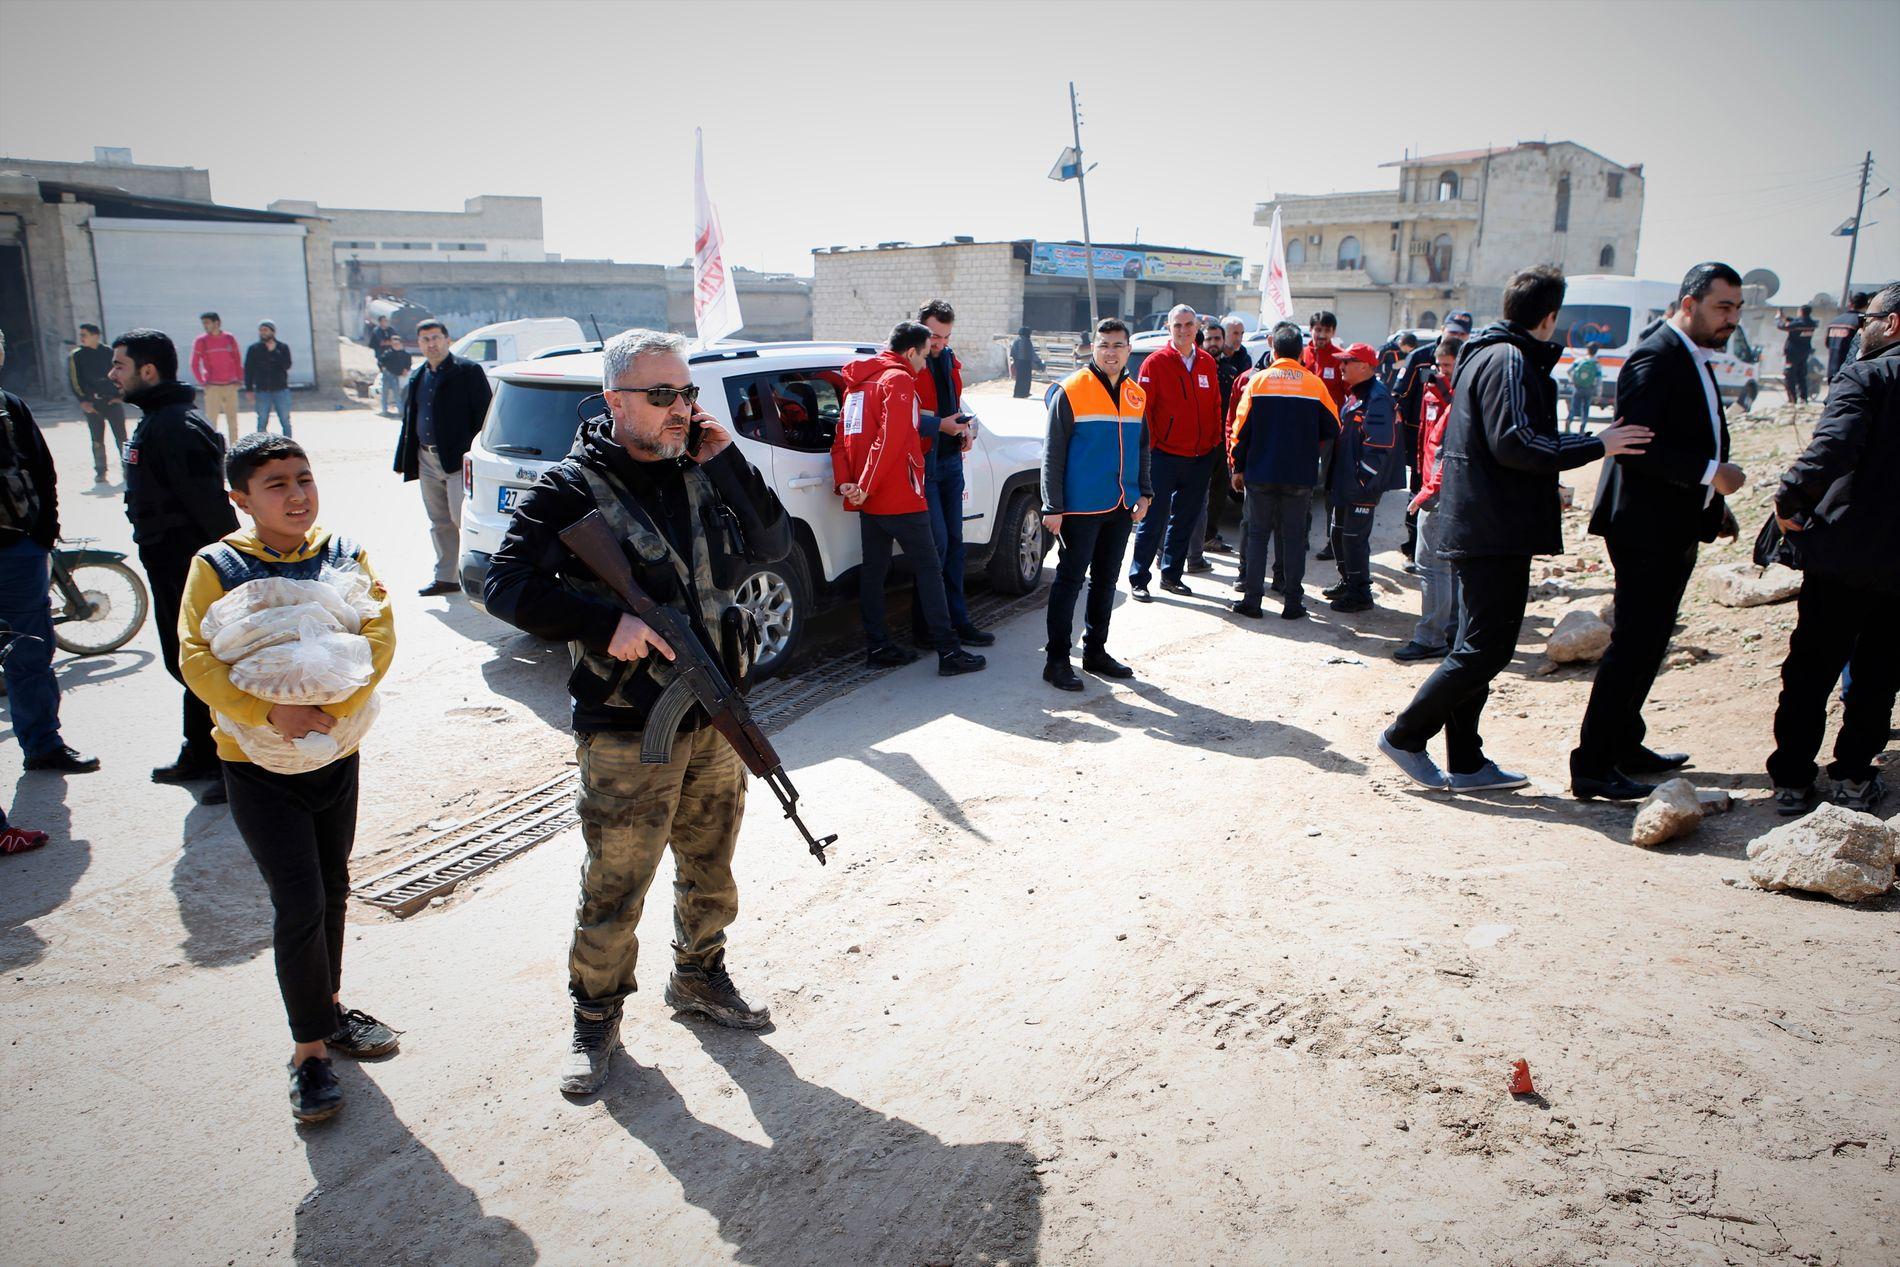 LEDSAGET: VG reiste sammen med 15 andre journalister og minst like mange soldater, presserådgivere og nødhjelpsarbeidere til områder rundt den kurdiske enklaven Afrin. Her fra byen Azaz.